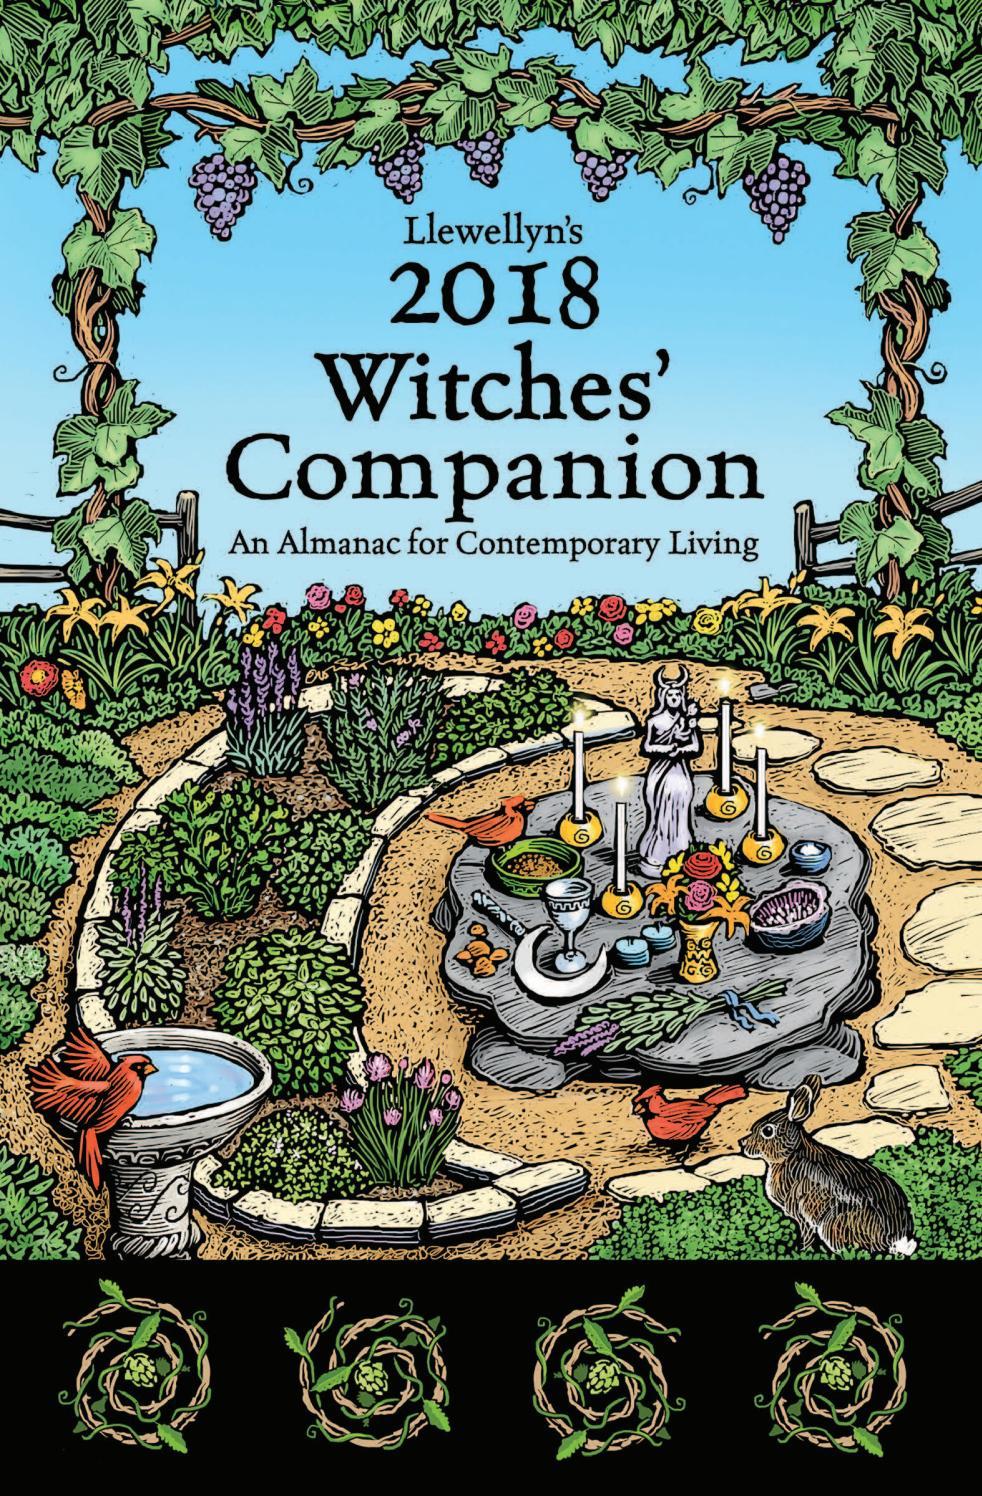 Llewellyn\'s 2018 Witches\' Companion by Llewellyn Worldwide, LTD. - issuu